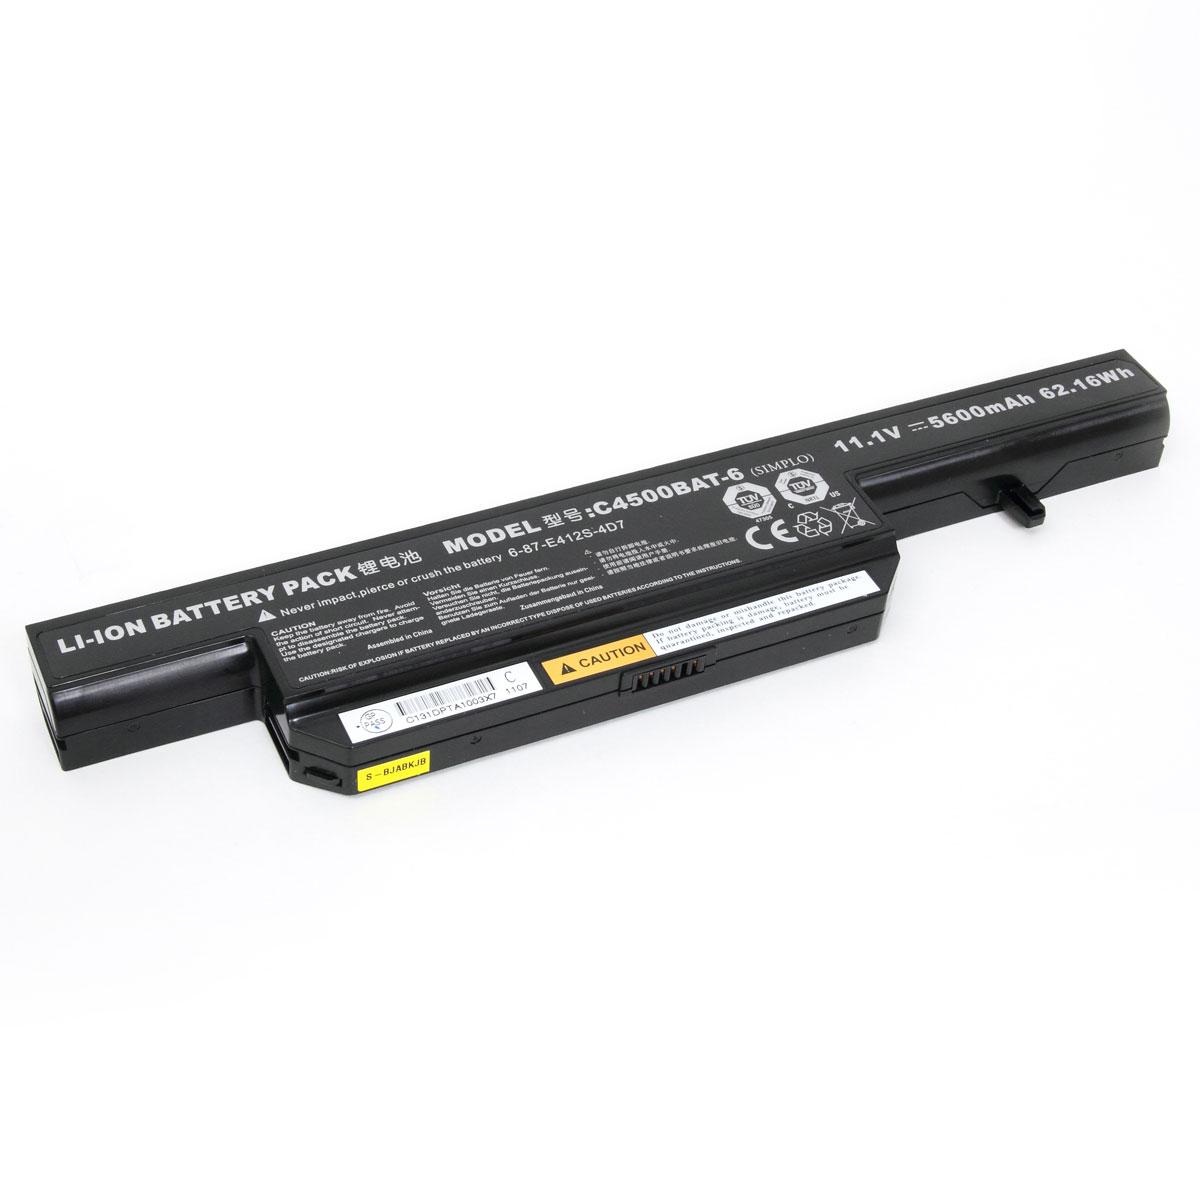 Batterie PC portable LDLC Batterie Lithium-ion 6 cellules 48.84Wh Batterie pour PC Portable LDLC Aurore BB1/BB2/BB3/BS1/BG1/BG2 / Saturne SB3/SG1/SG2 et LDLC B1/E5120Q